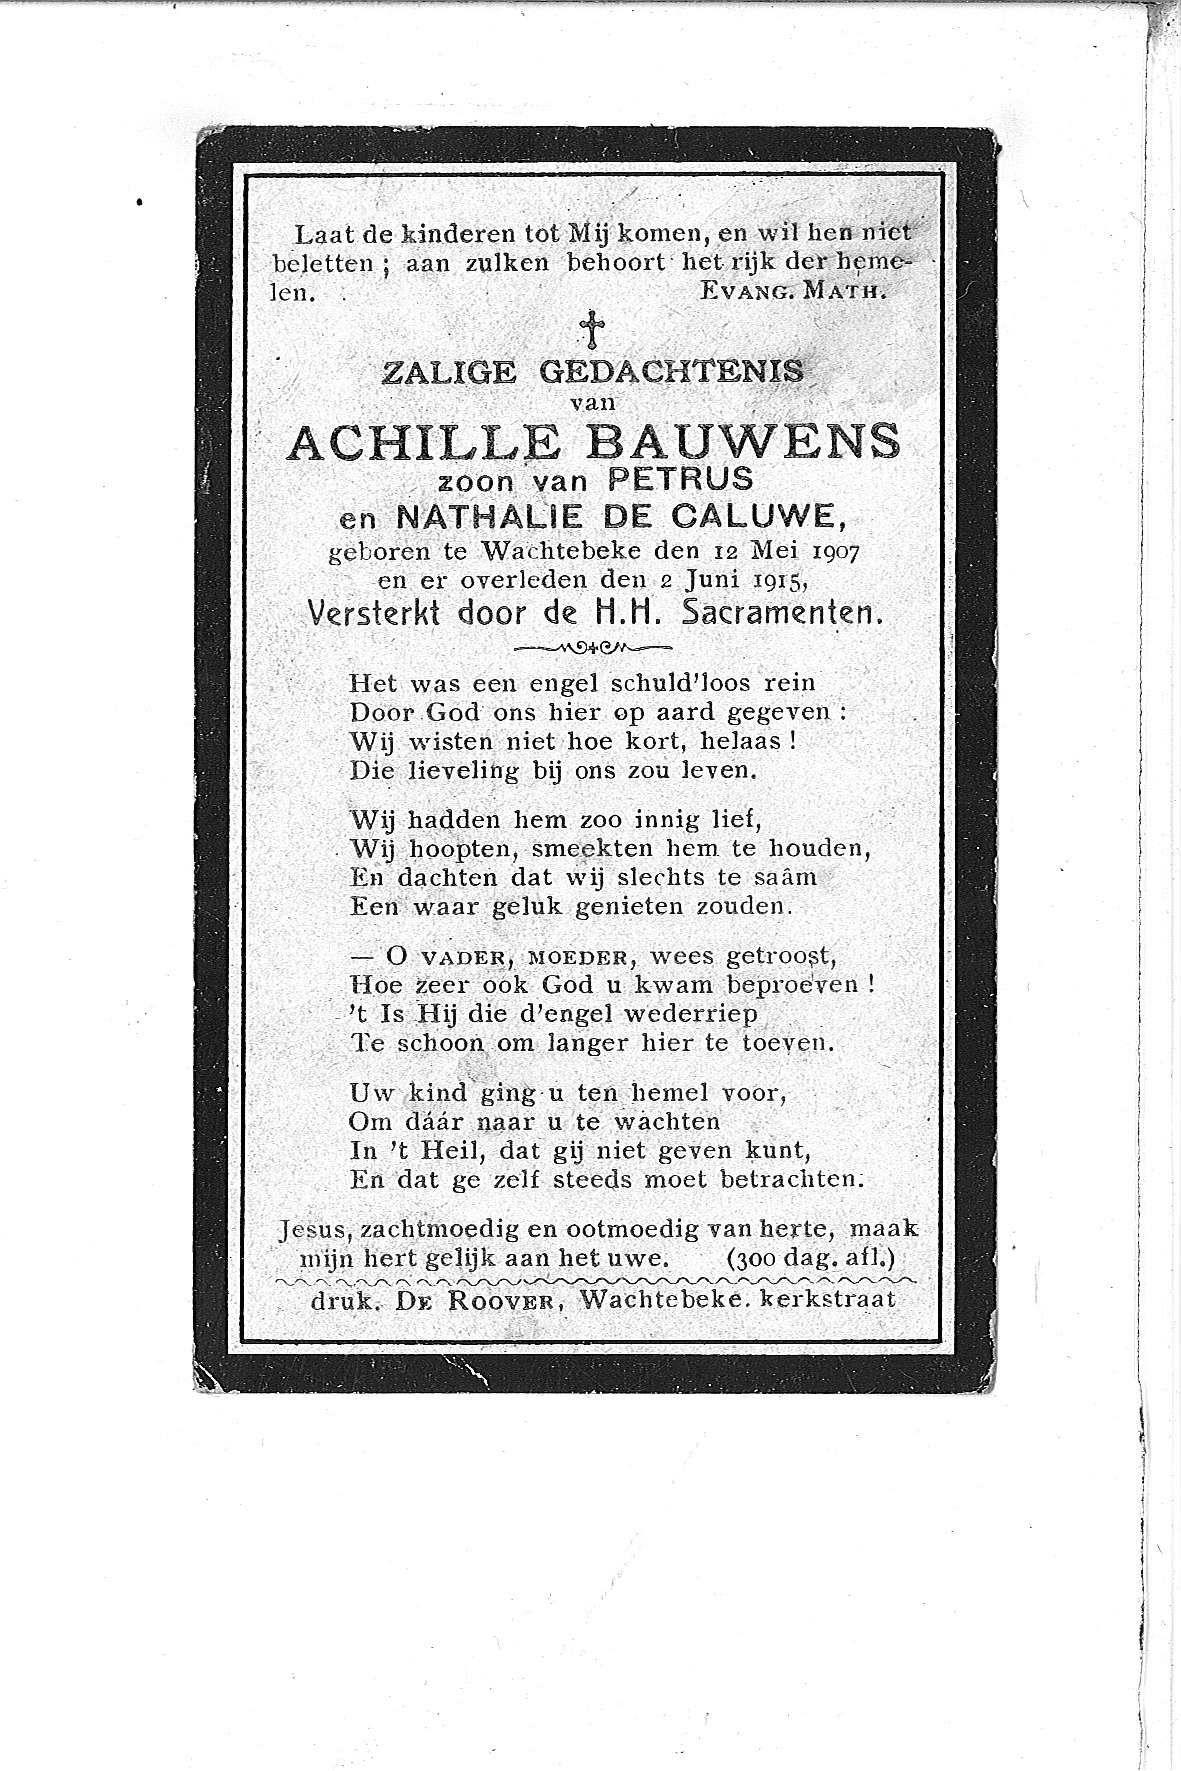 Achille(1915)20101026084726_00026.jpg